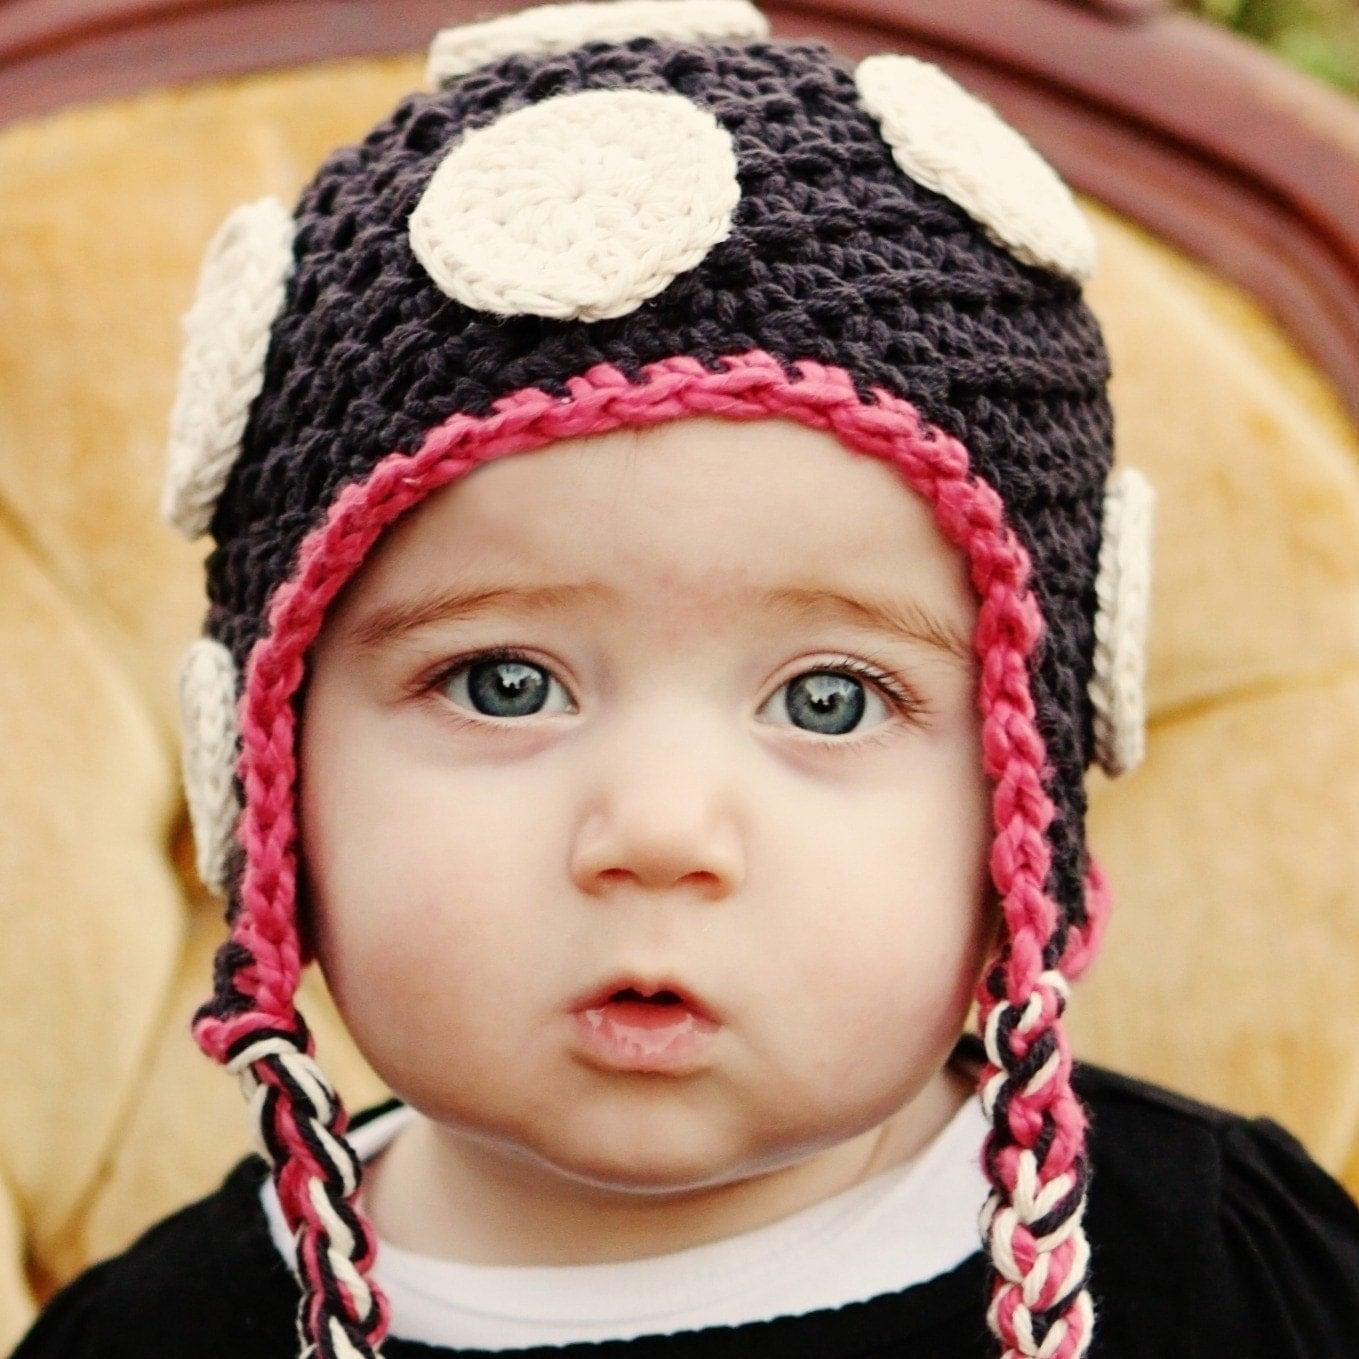 Вязаный горошек уха заслонки Beanie Пользовательские цвета новорожденных до 12 месяцев Вы выбираете размер